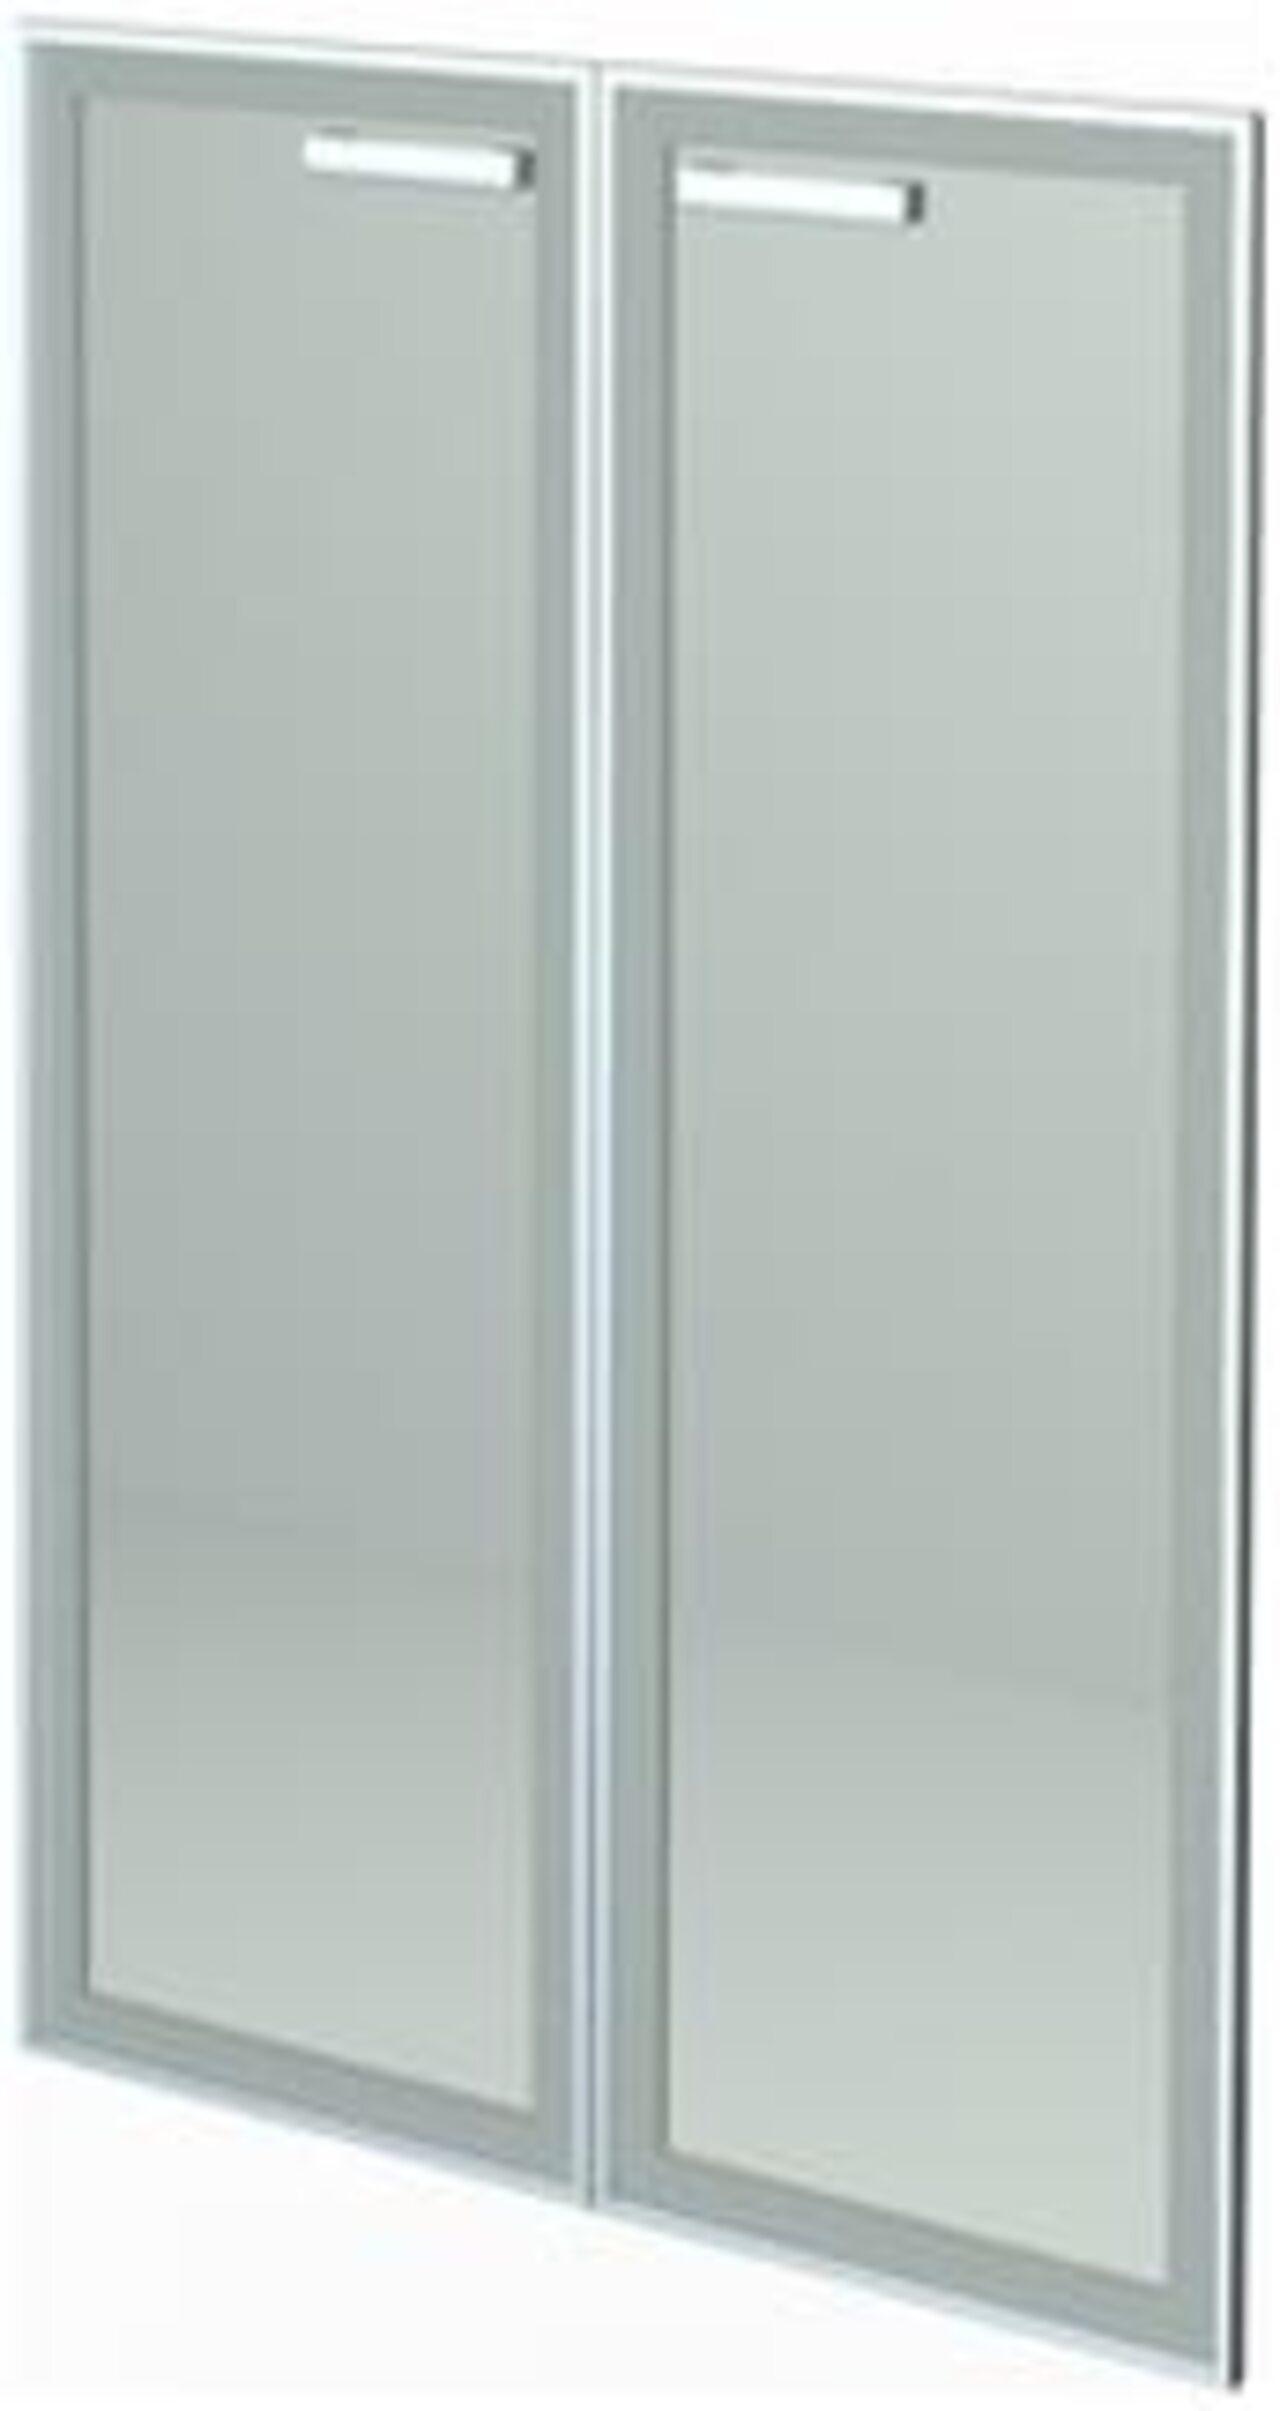 Двери средние стеклянные в алюминиевой раме HT-601.2.СР.Ф сатинат - фото 1